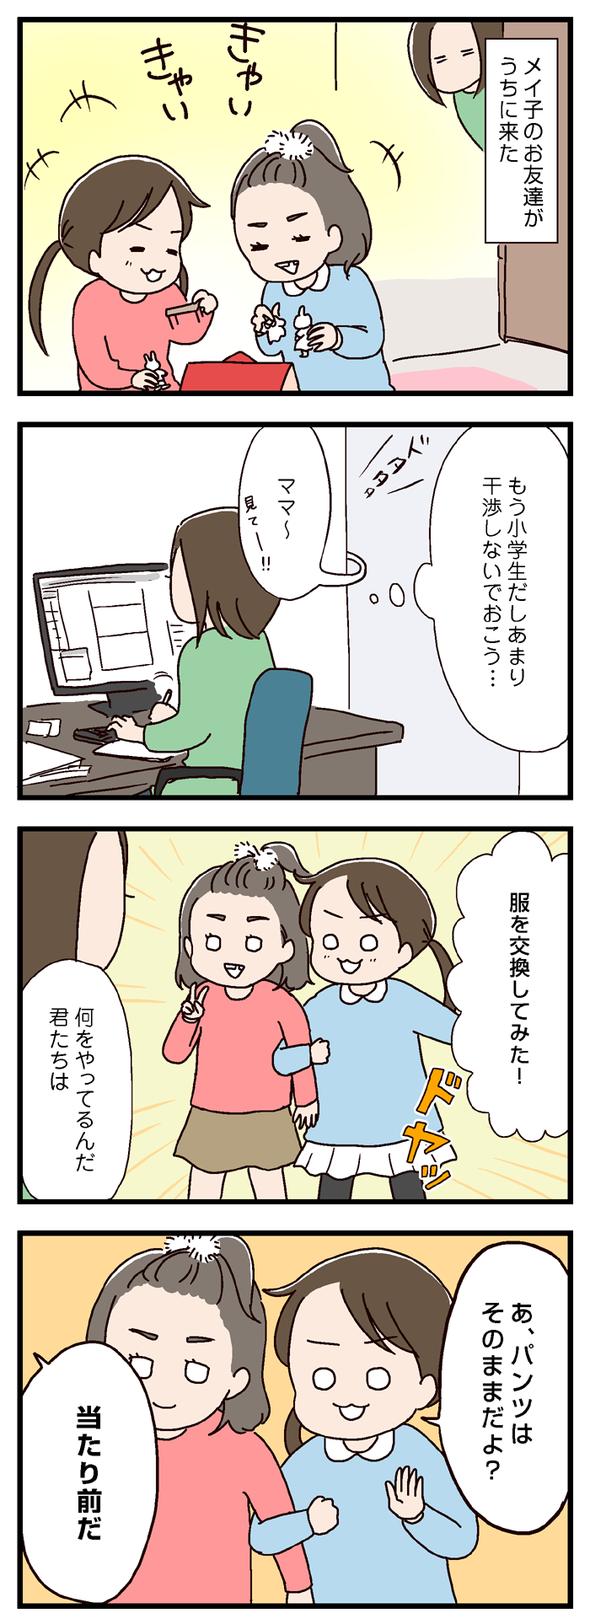 icchomae448_01